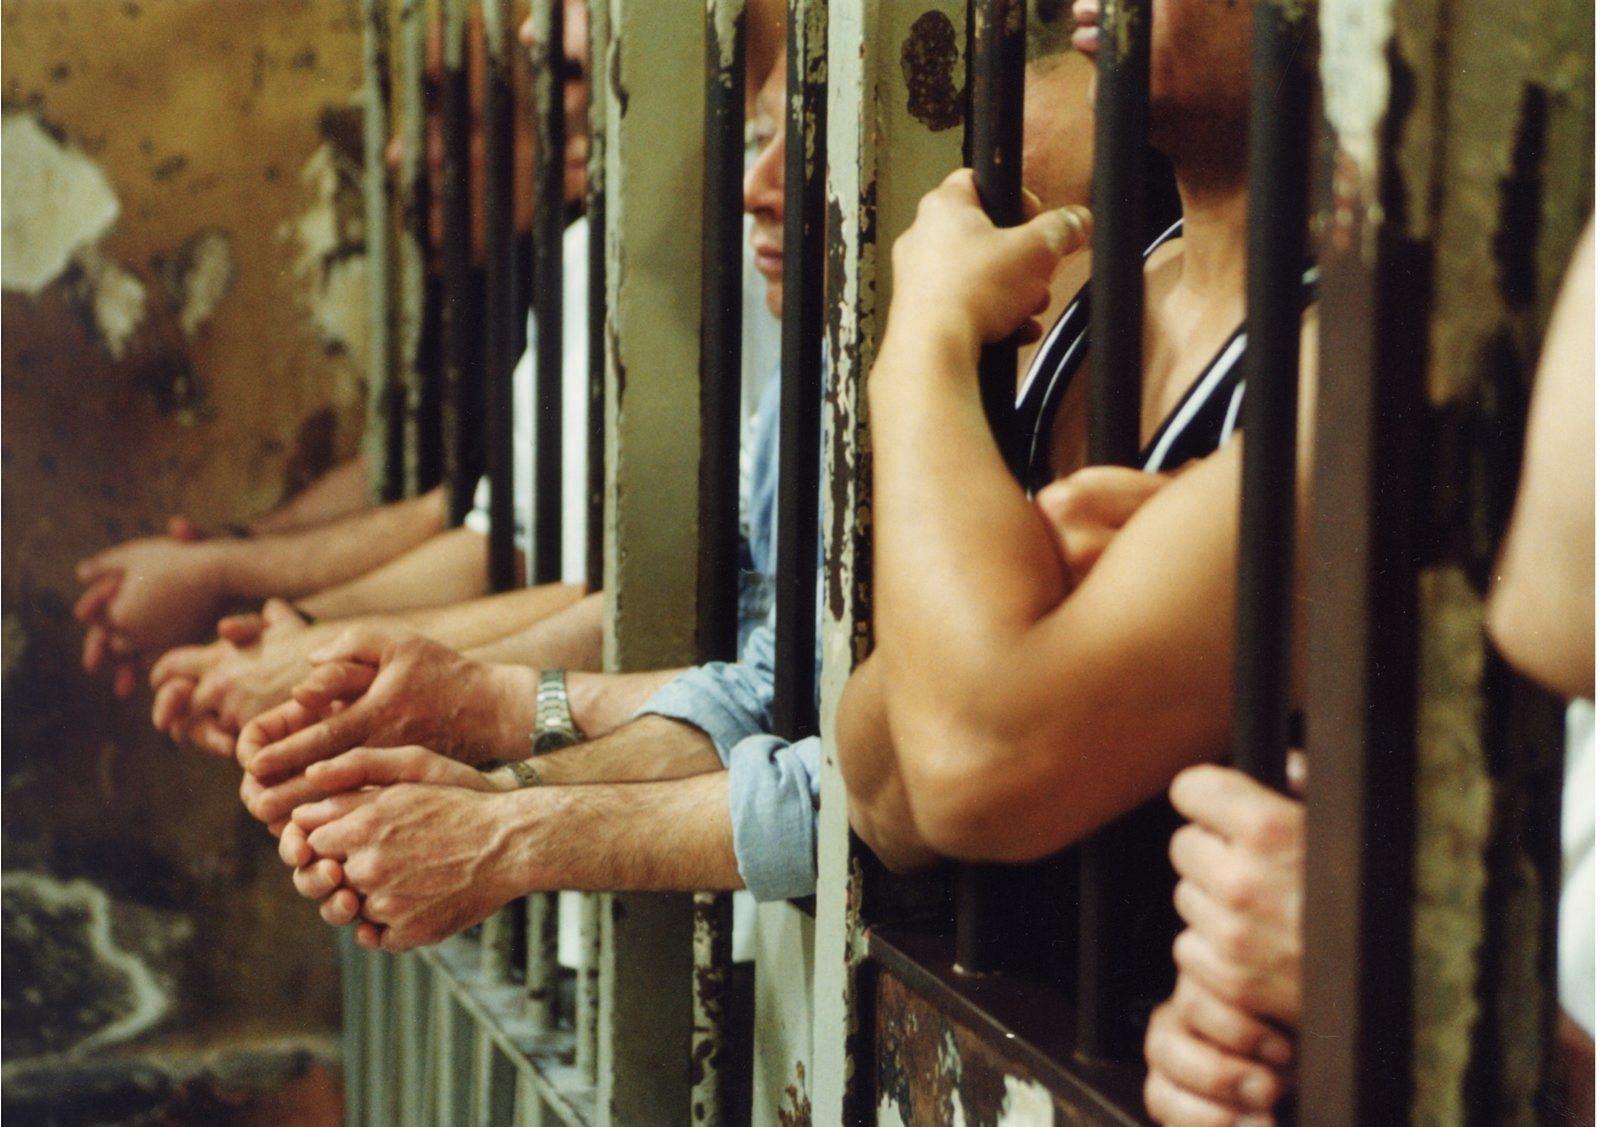 Napolitano sulle carceri: contro il sovraffollamento amnistia e indulto